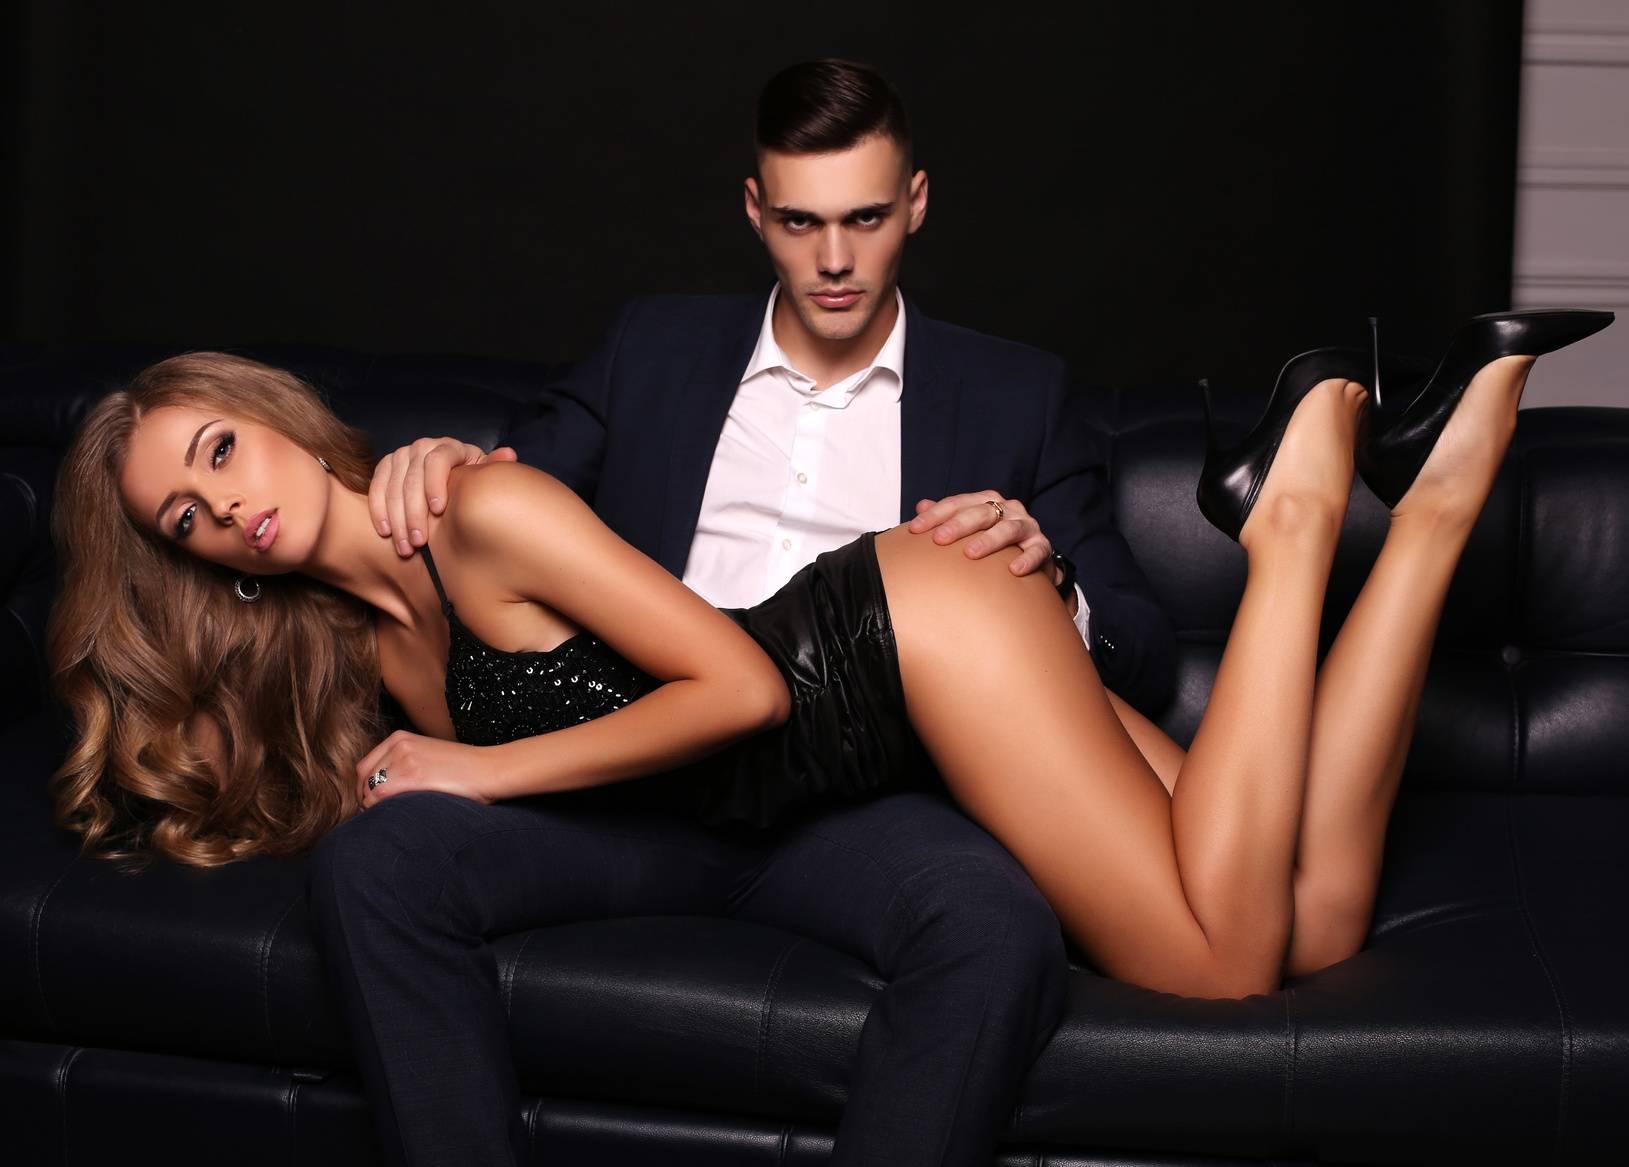 Tipos de homens irresistíveis para as mulheres